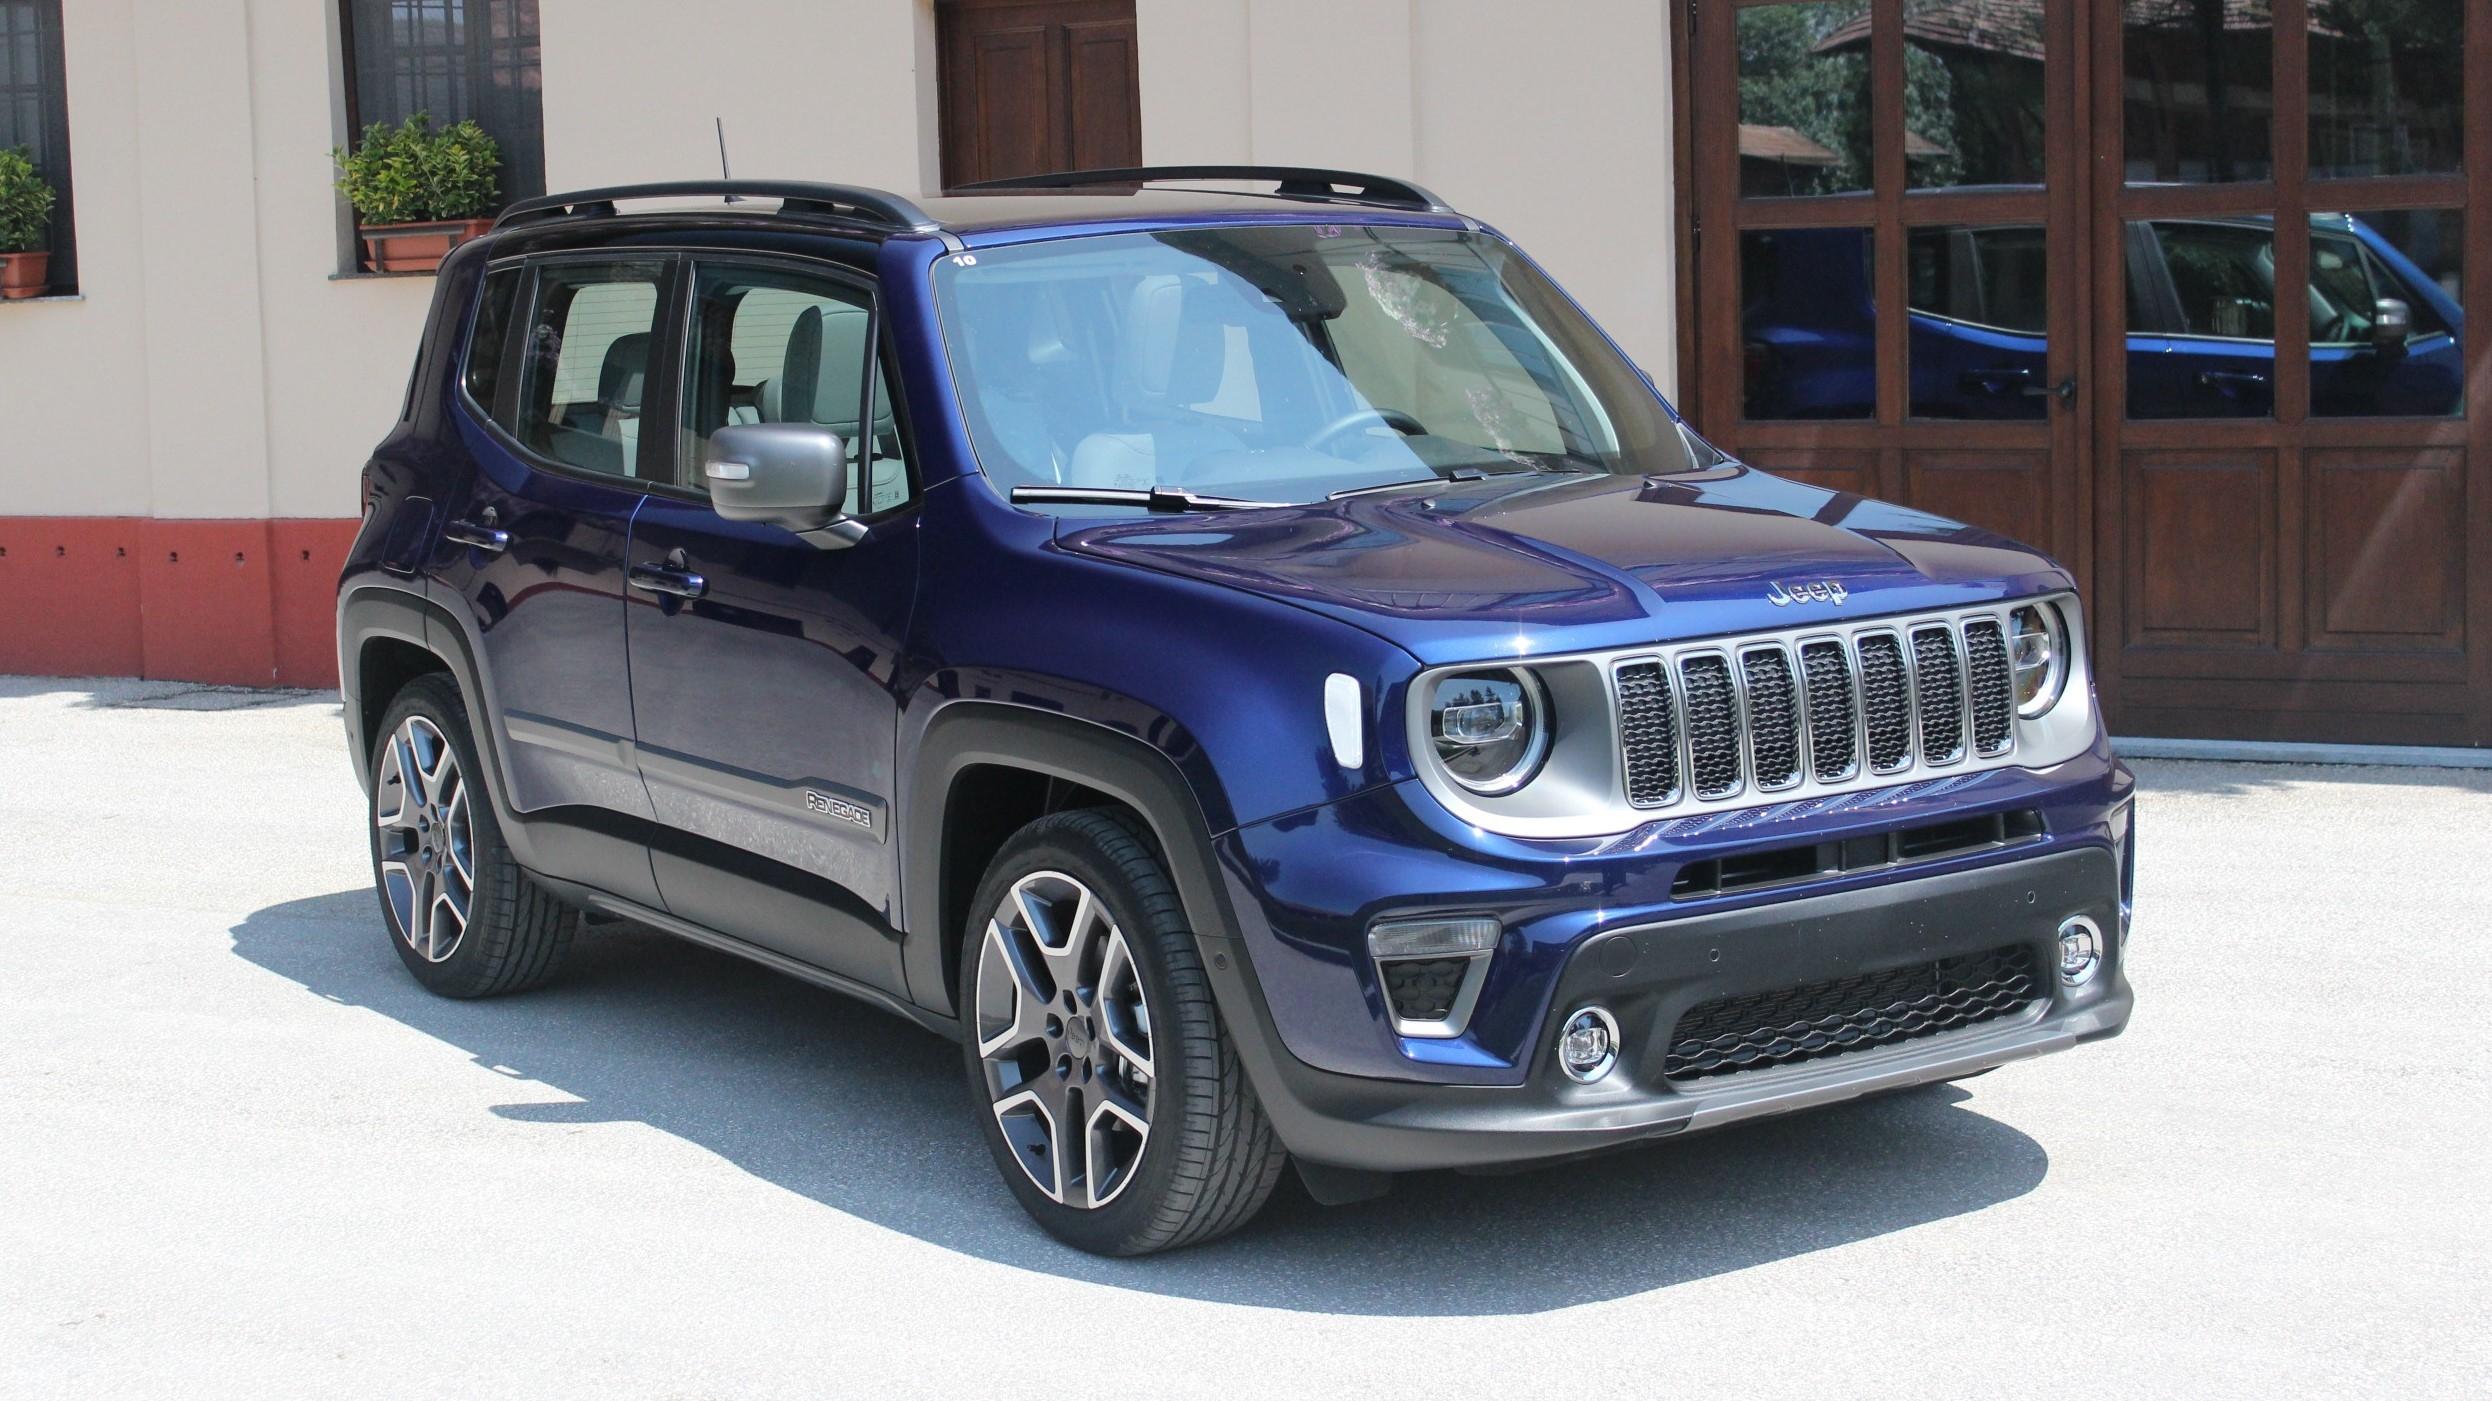 Prix Jeep Renegade >> Jeep Renegade Essais Fiabilite Avis Photos Prix